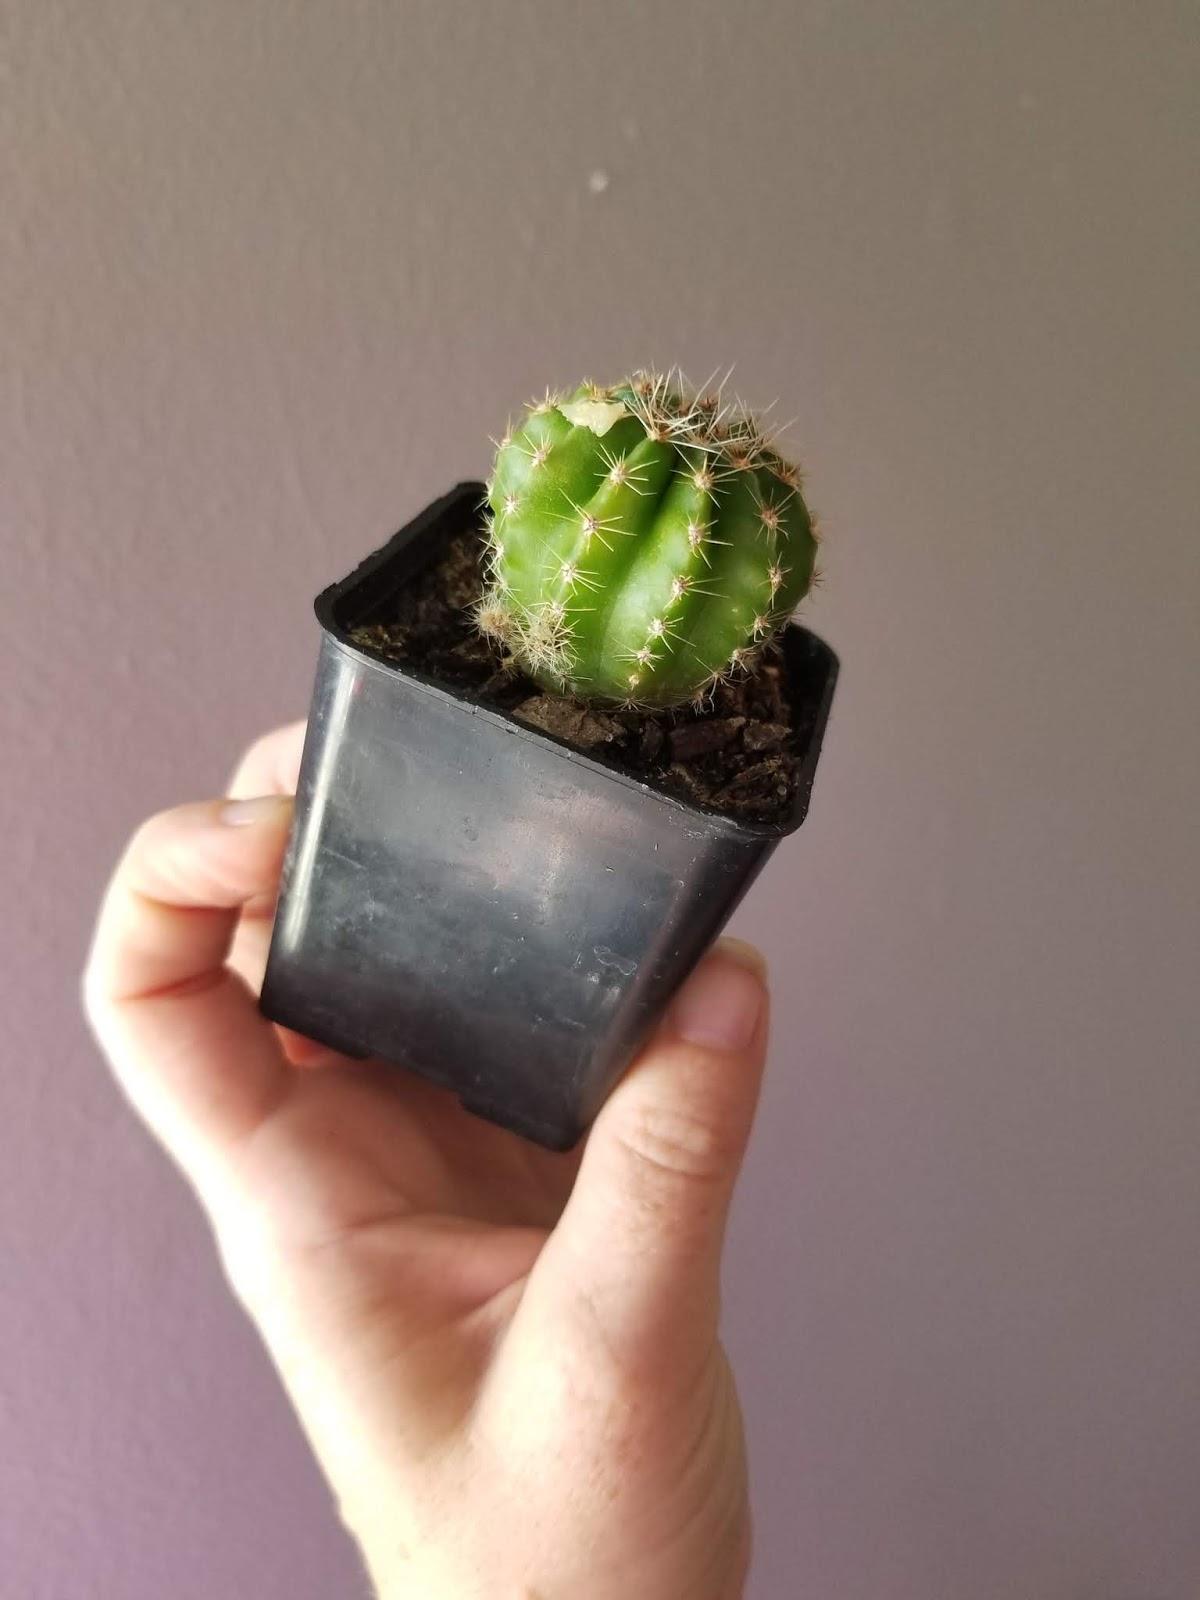 Grandiflora - 9 months